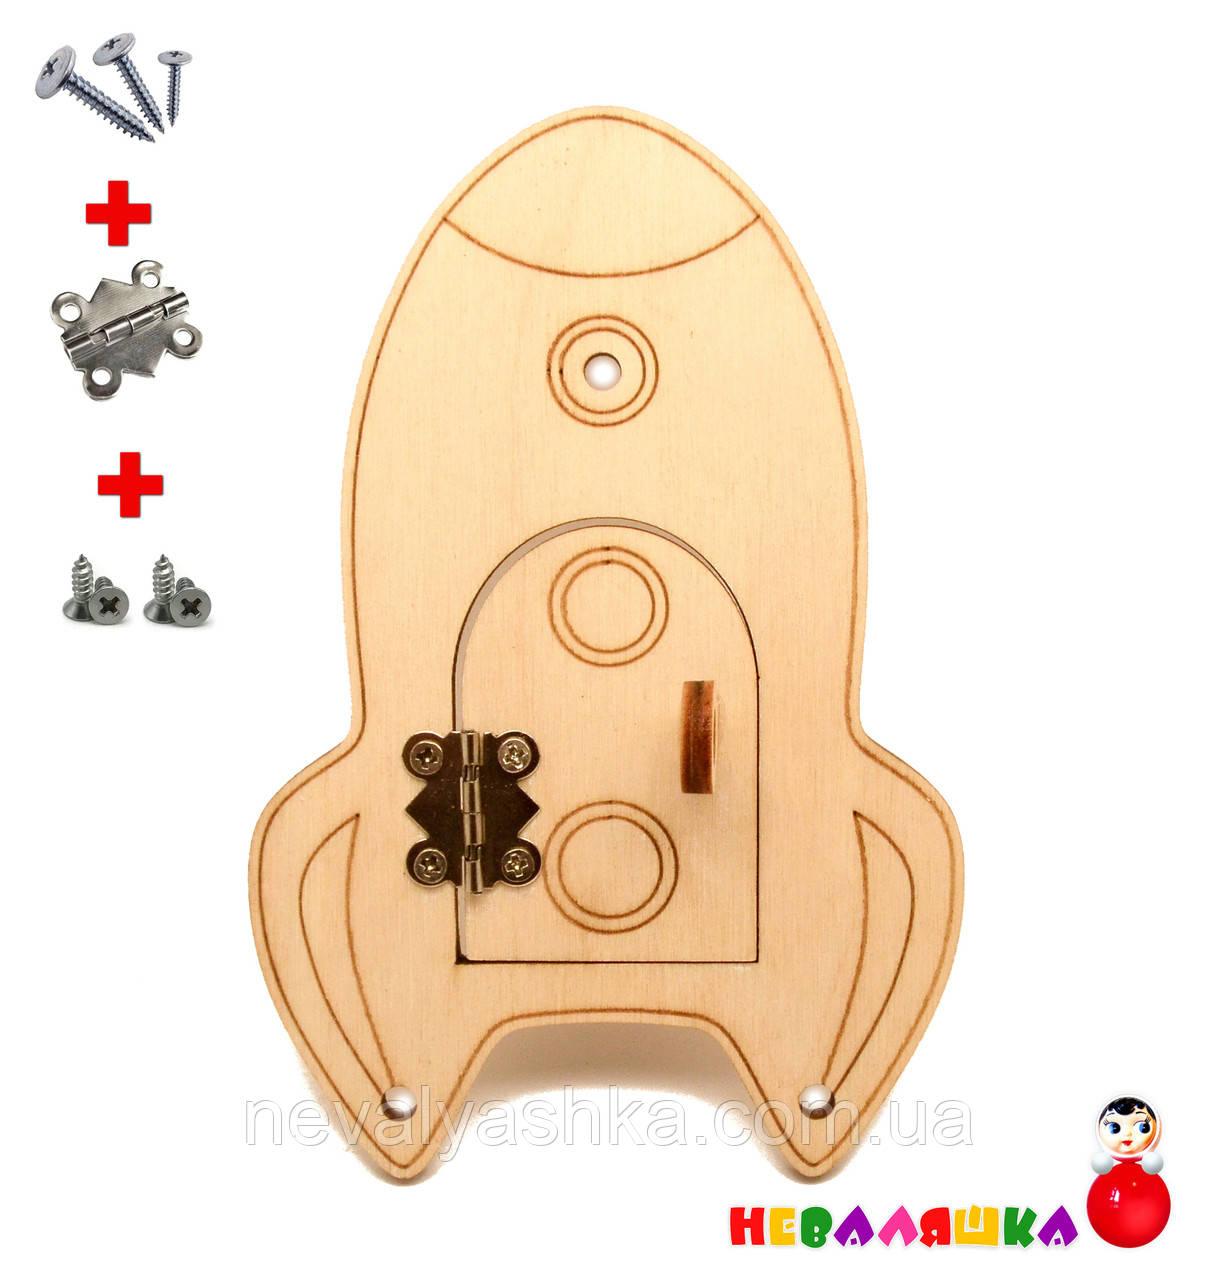 Заготовка для Бизиборда Ракета с Дверкой 13 см Дерев'яна Ракетка для Бізіборда